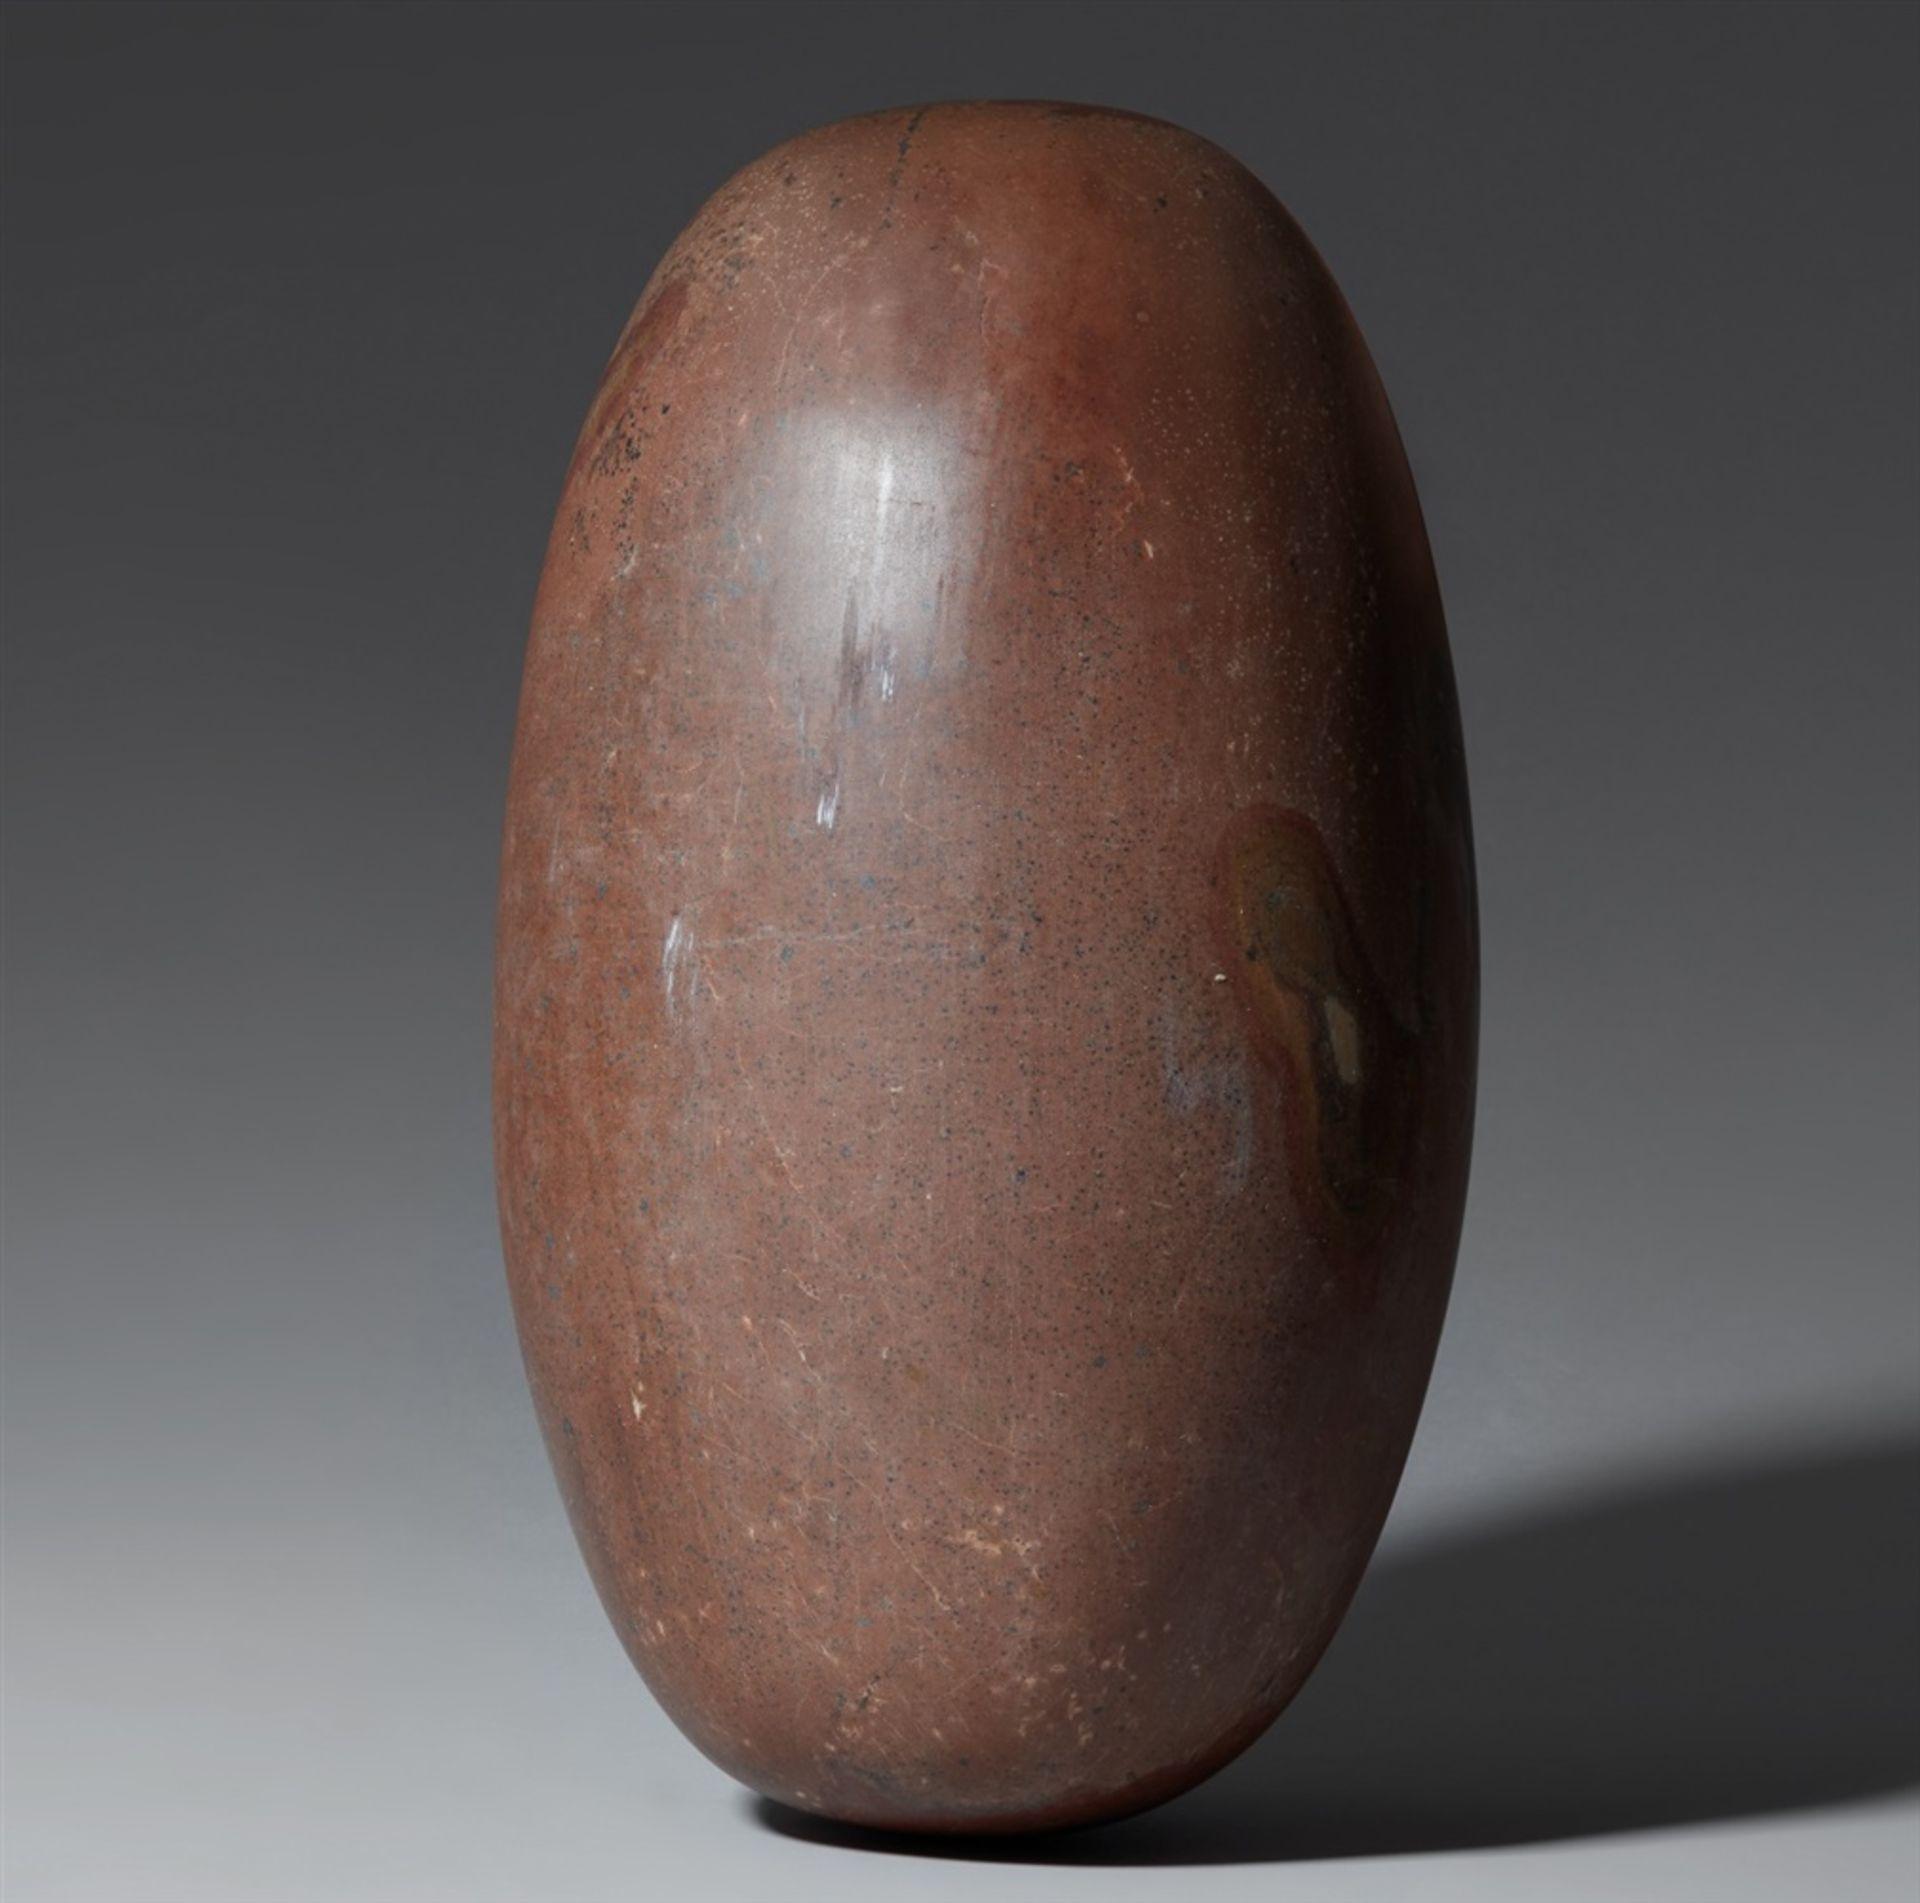 Großer svayambhu linga. Brauner Stein, möglicherweise Basalt, poliert Zentral-Indien, oder Nord